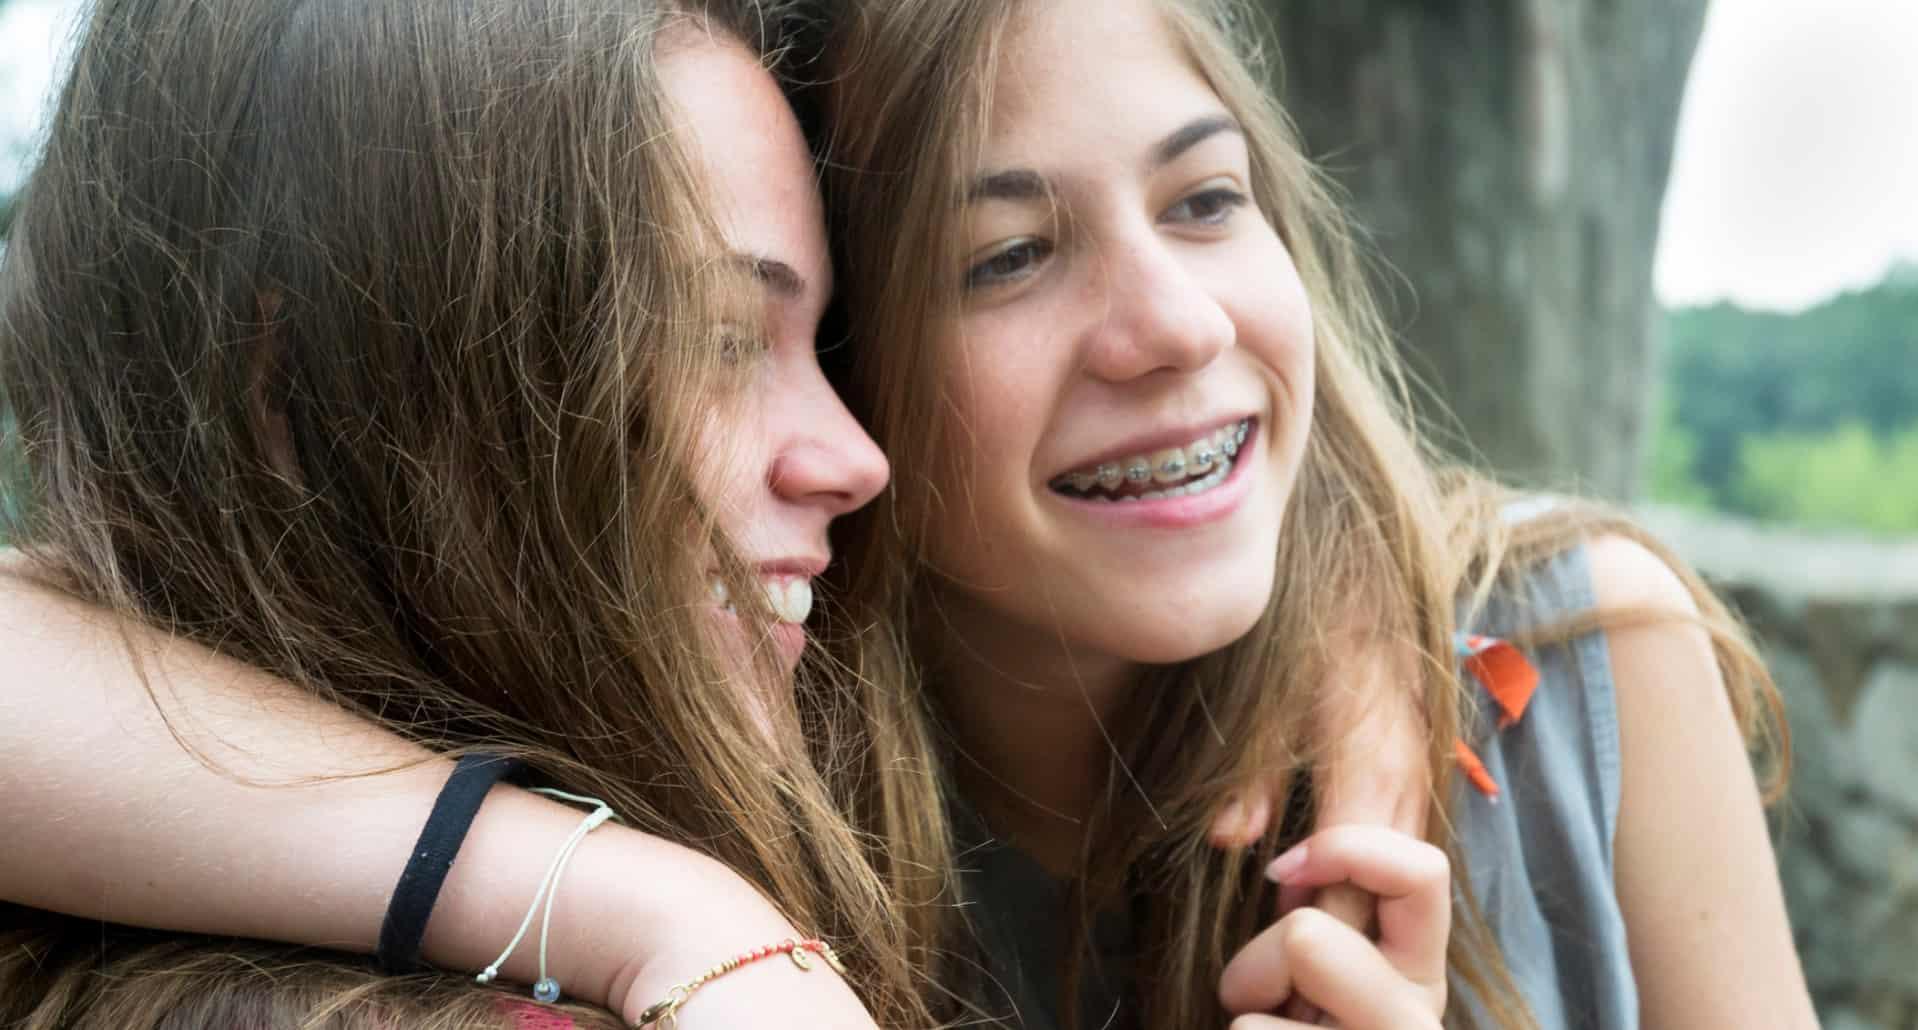 two teen girls